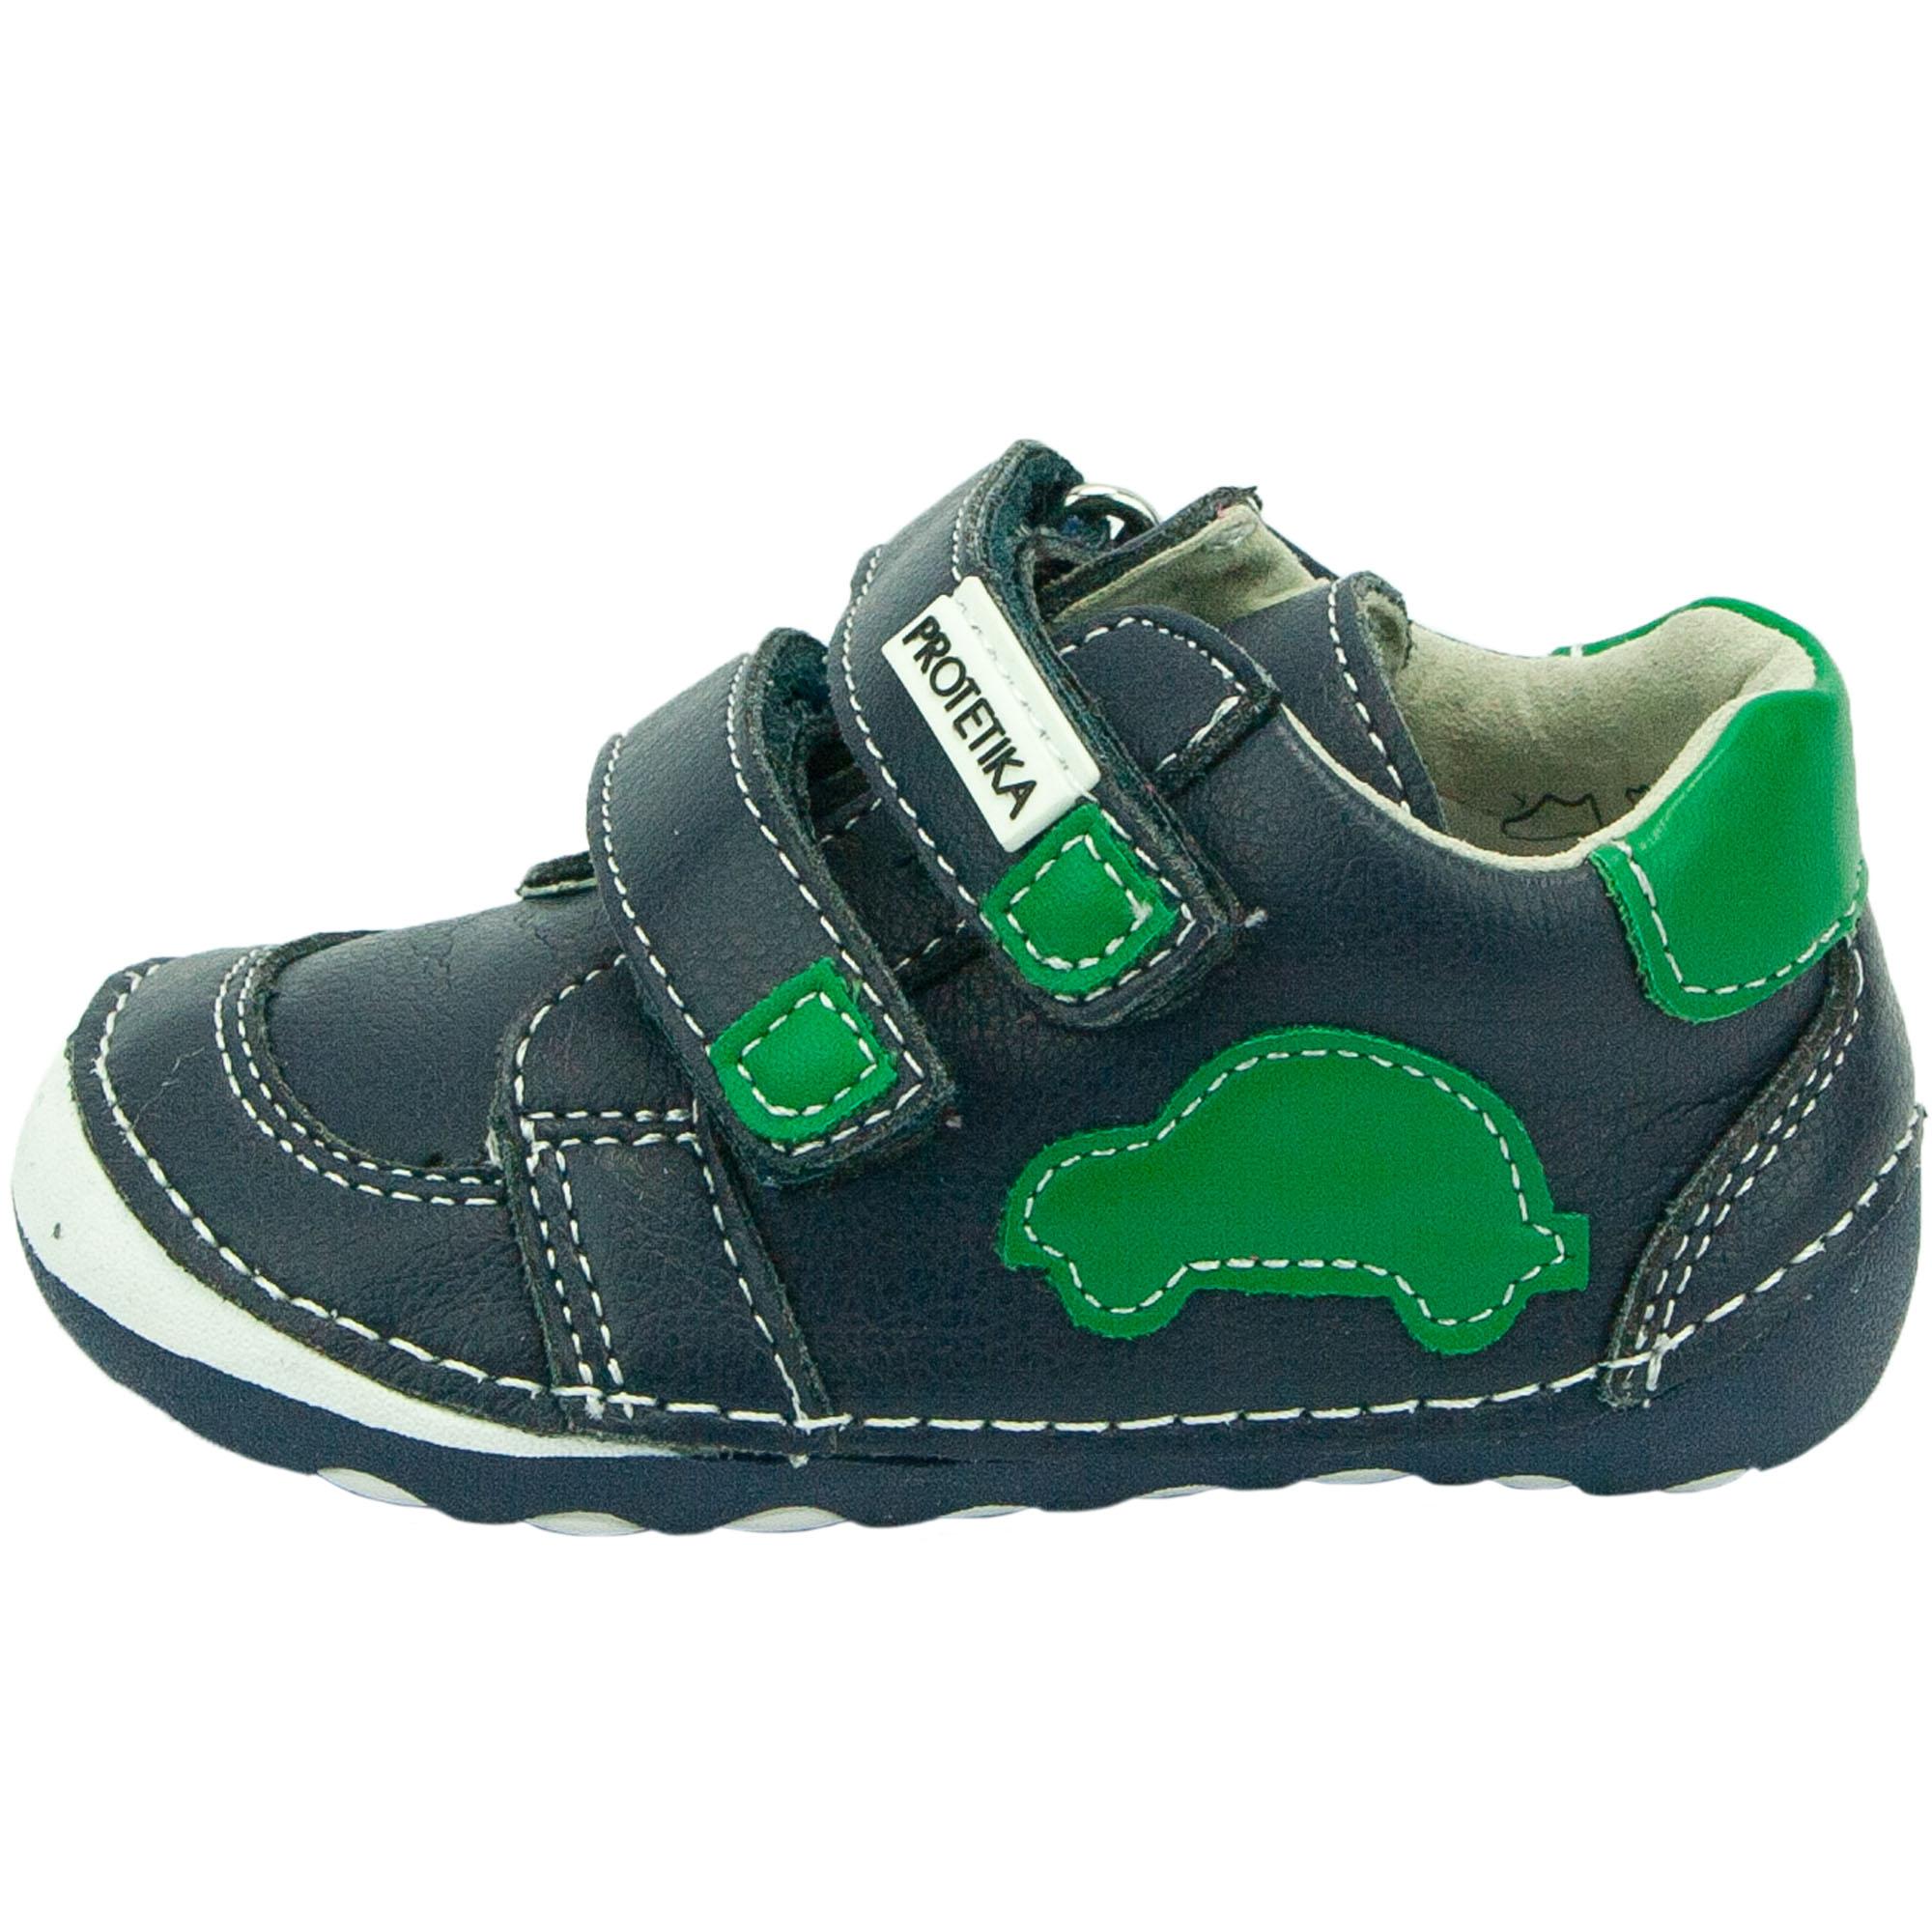 98cd6be16eb0 Protetika celoroční dětská obuv Levis Green